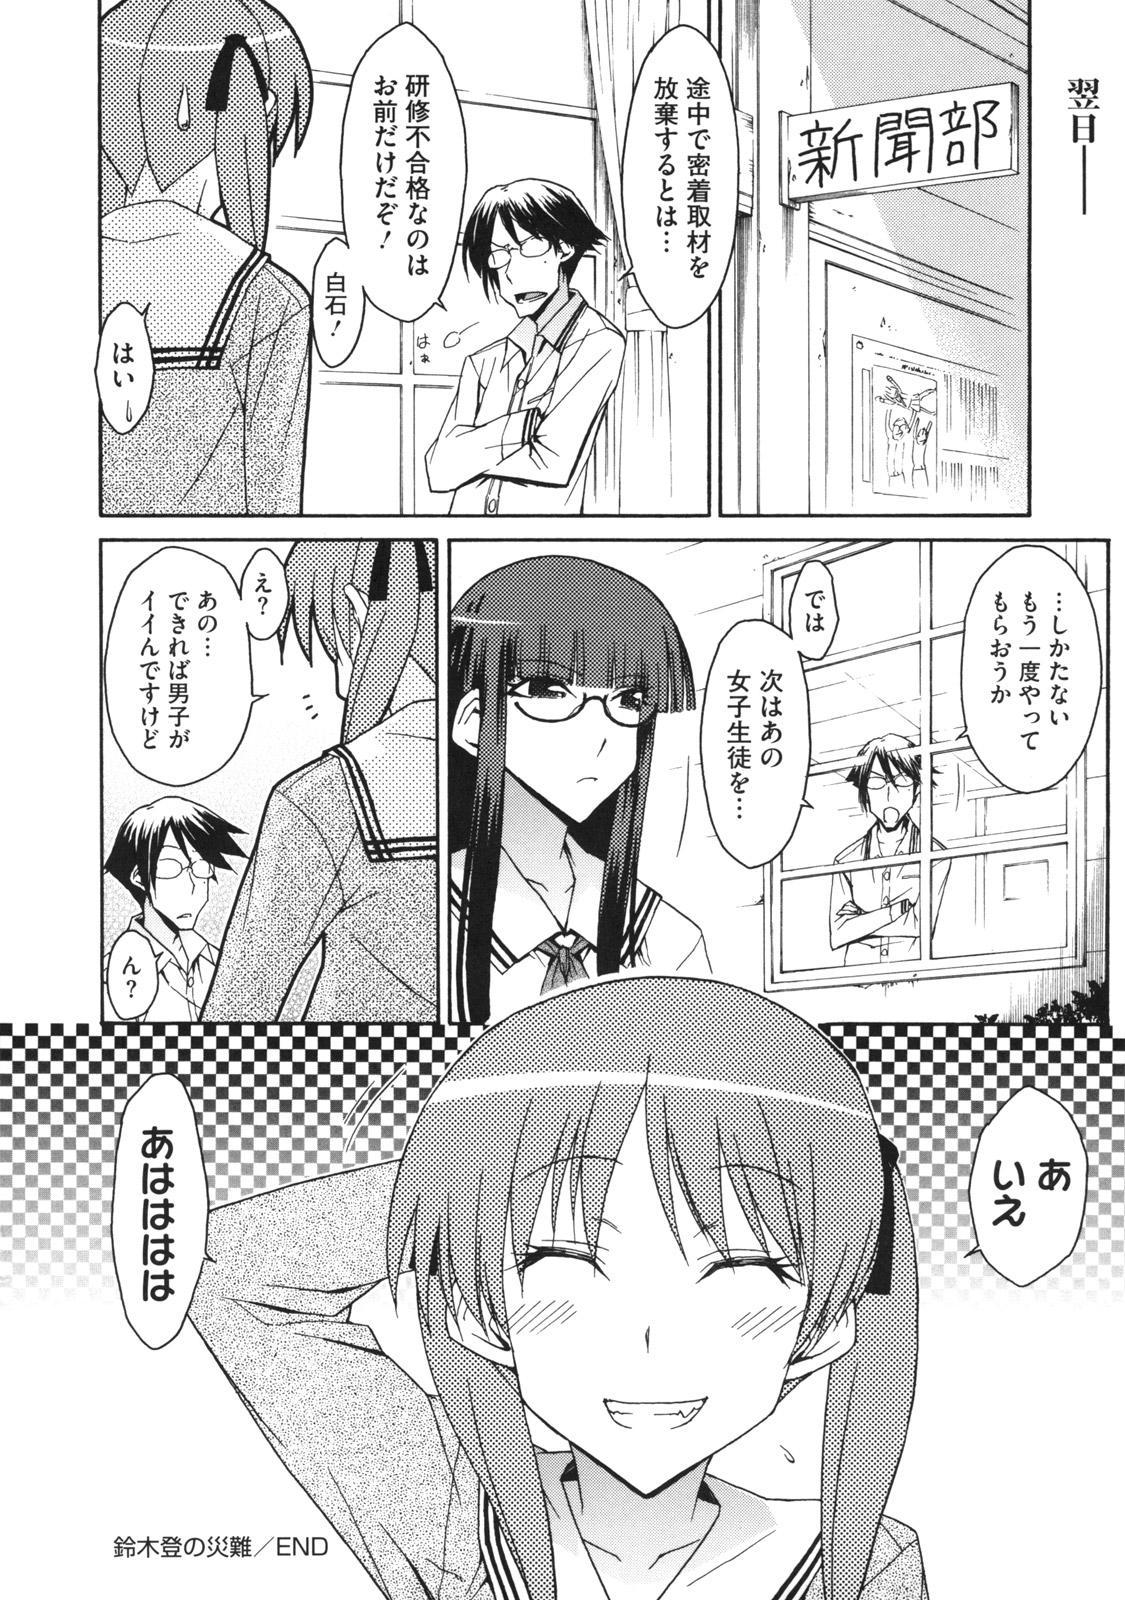 Otome x Hatsujo 199